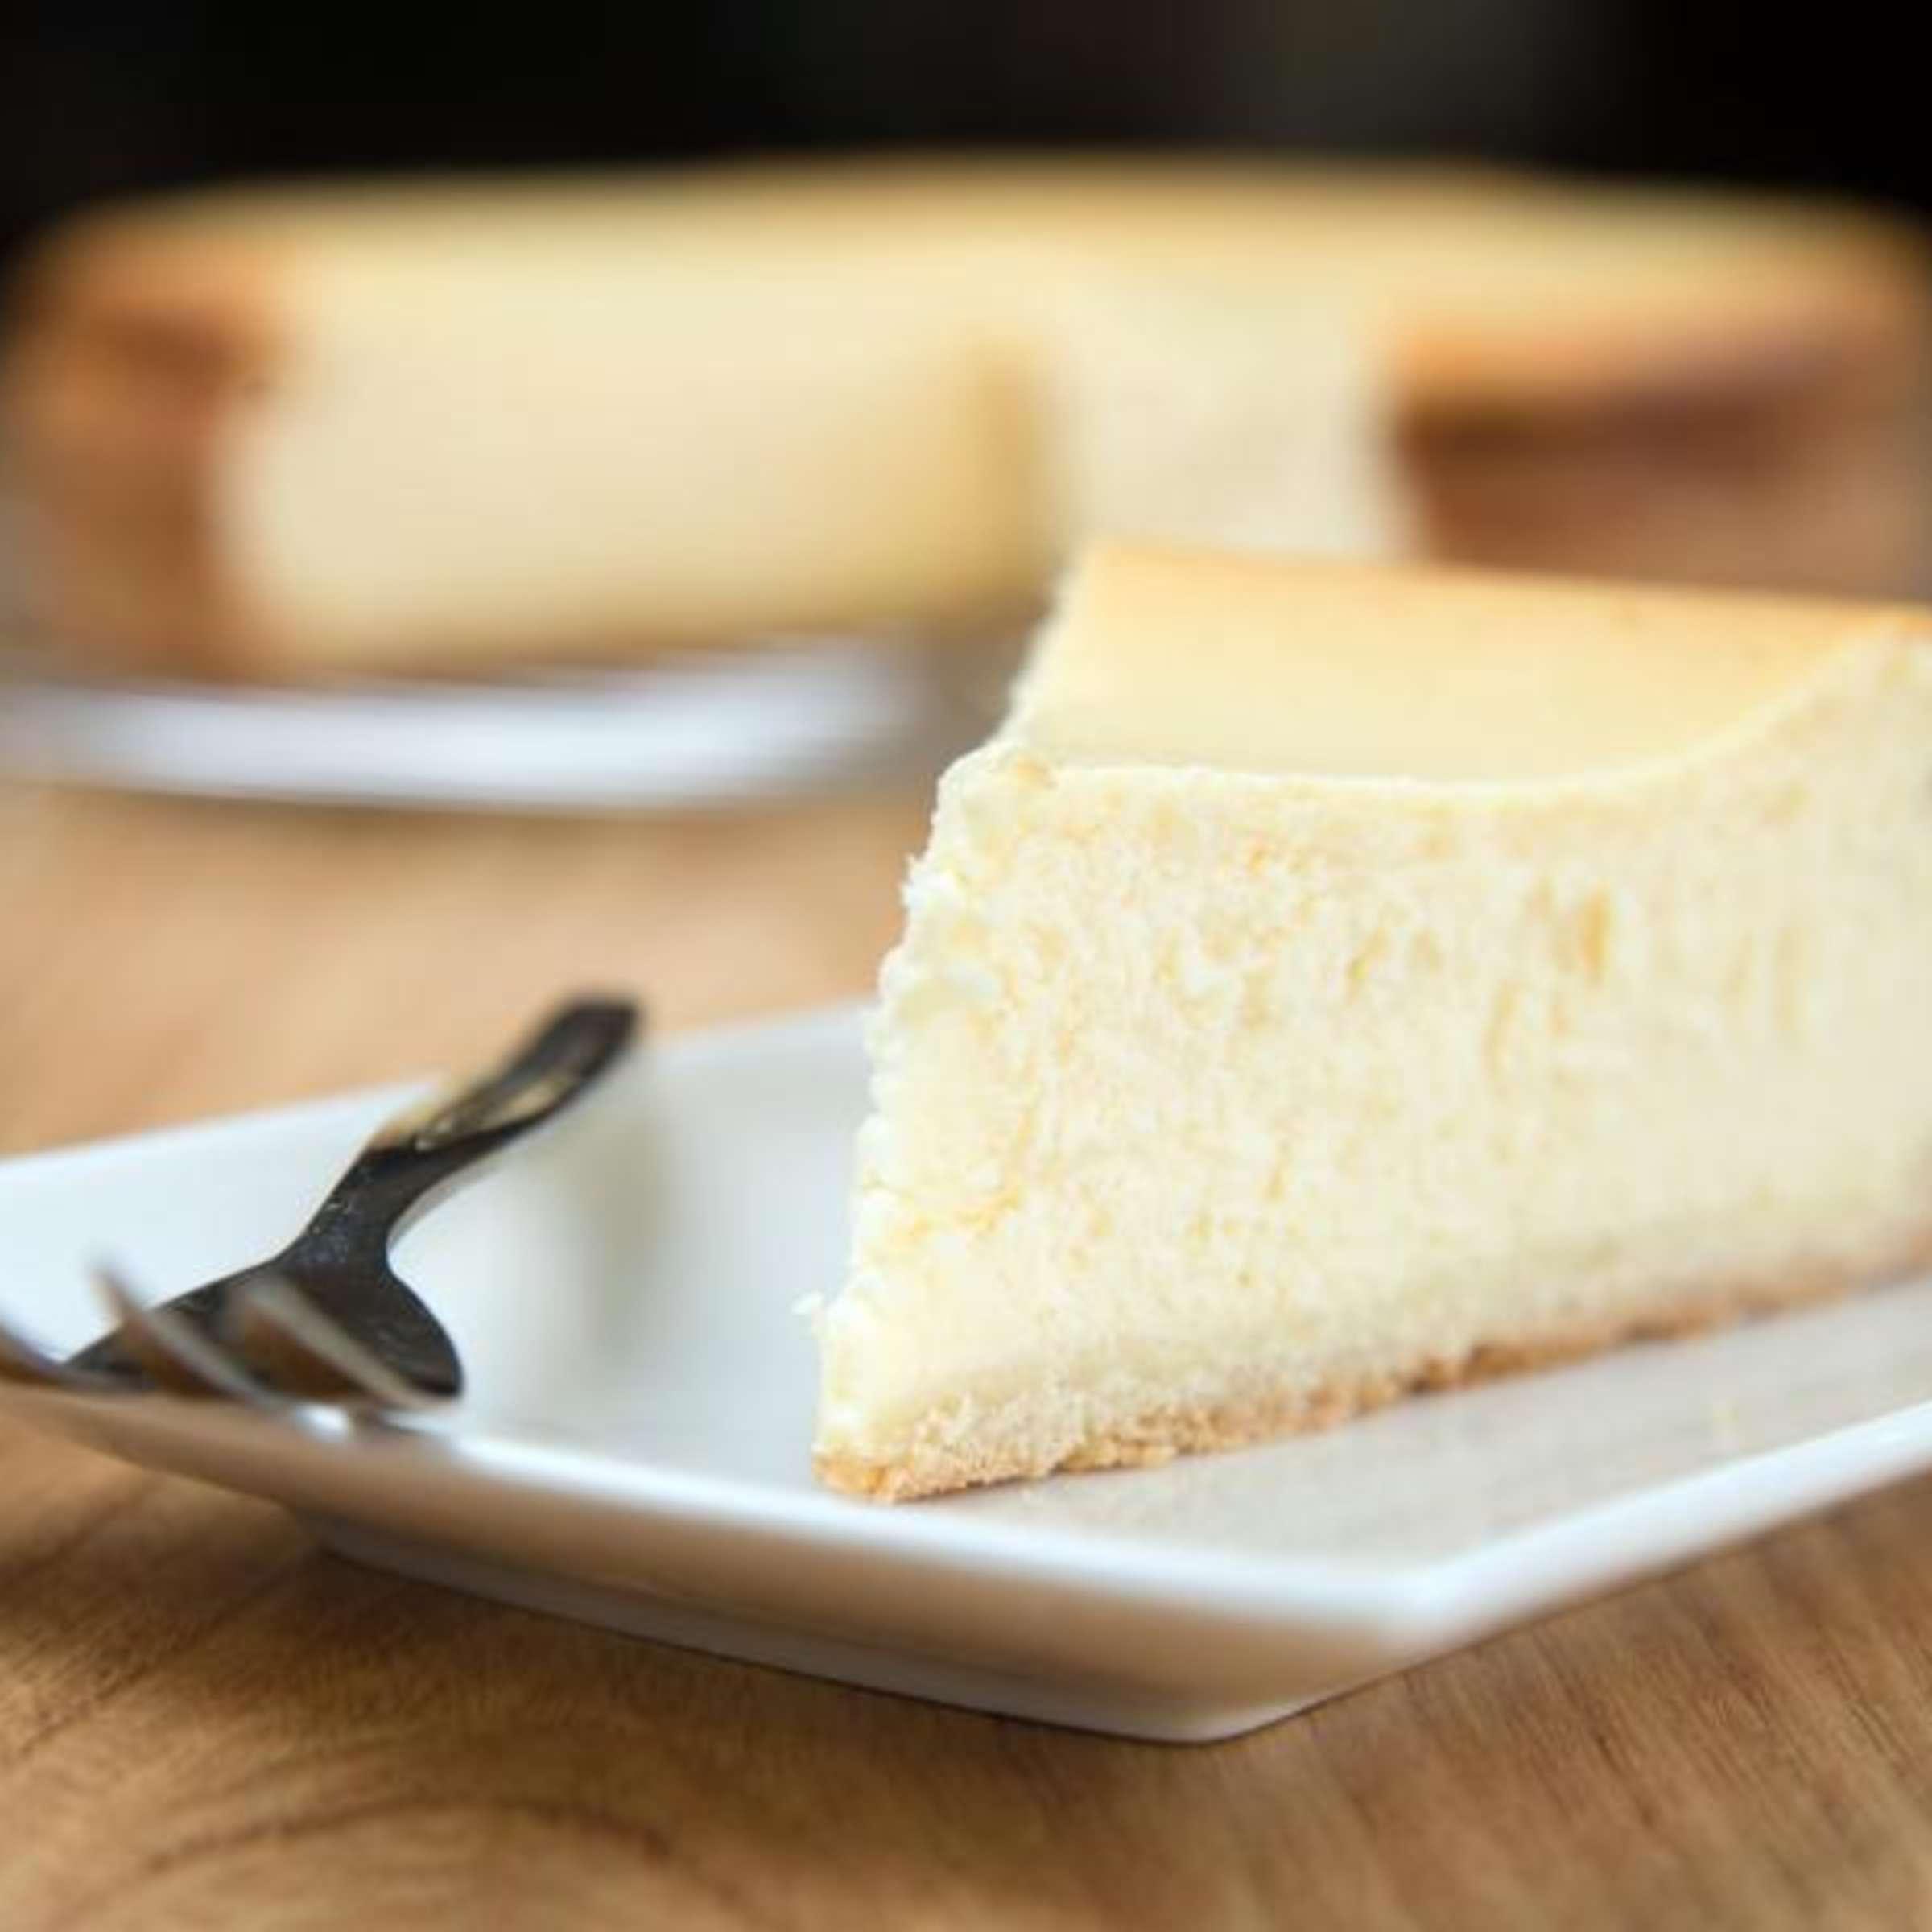 Mit cremigem Eiweiß: So gelingt ein Käsekuchen ohne Risse  Genuss